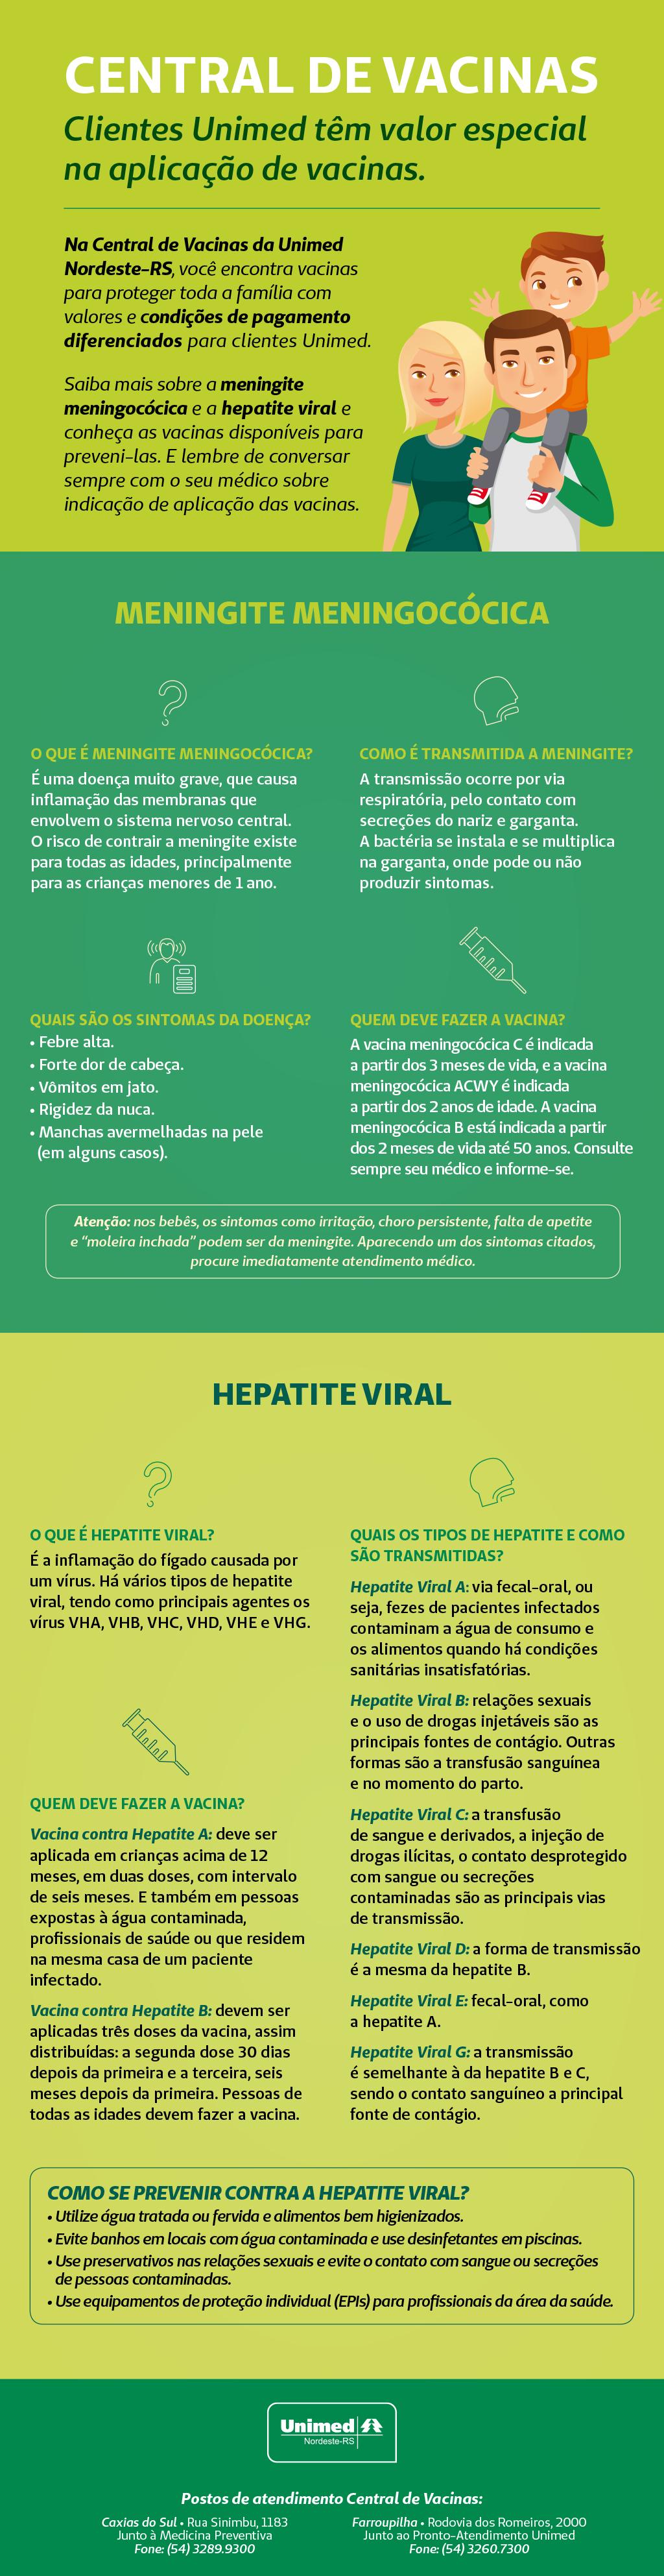 UI-0011-16L Central de Vacinas Hepatite e Meningite Pop-up 1024x3970px